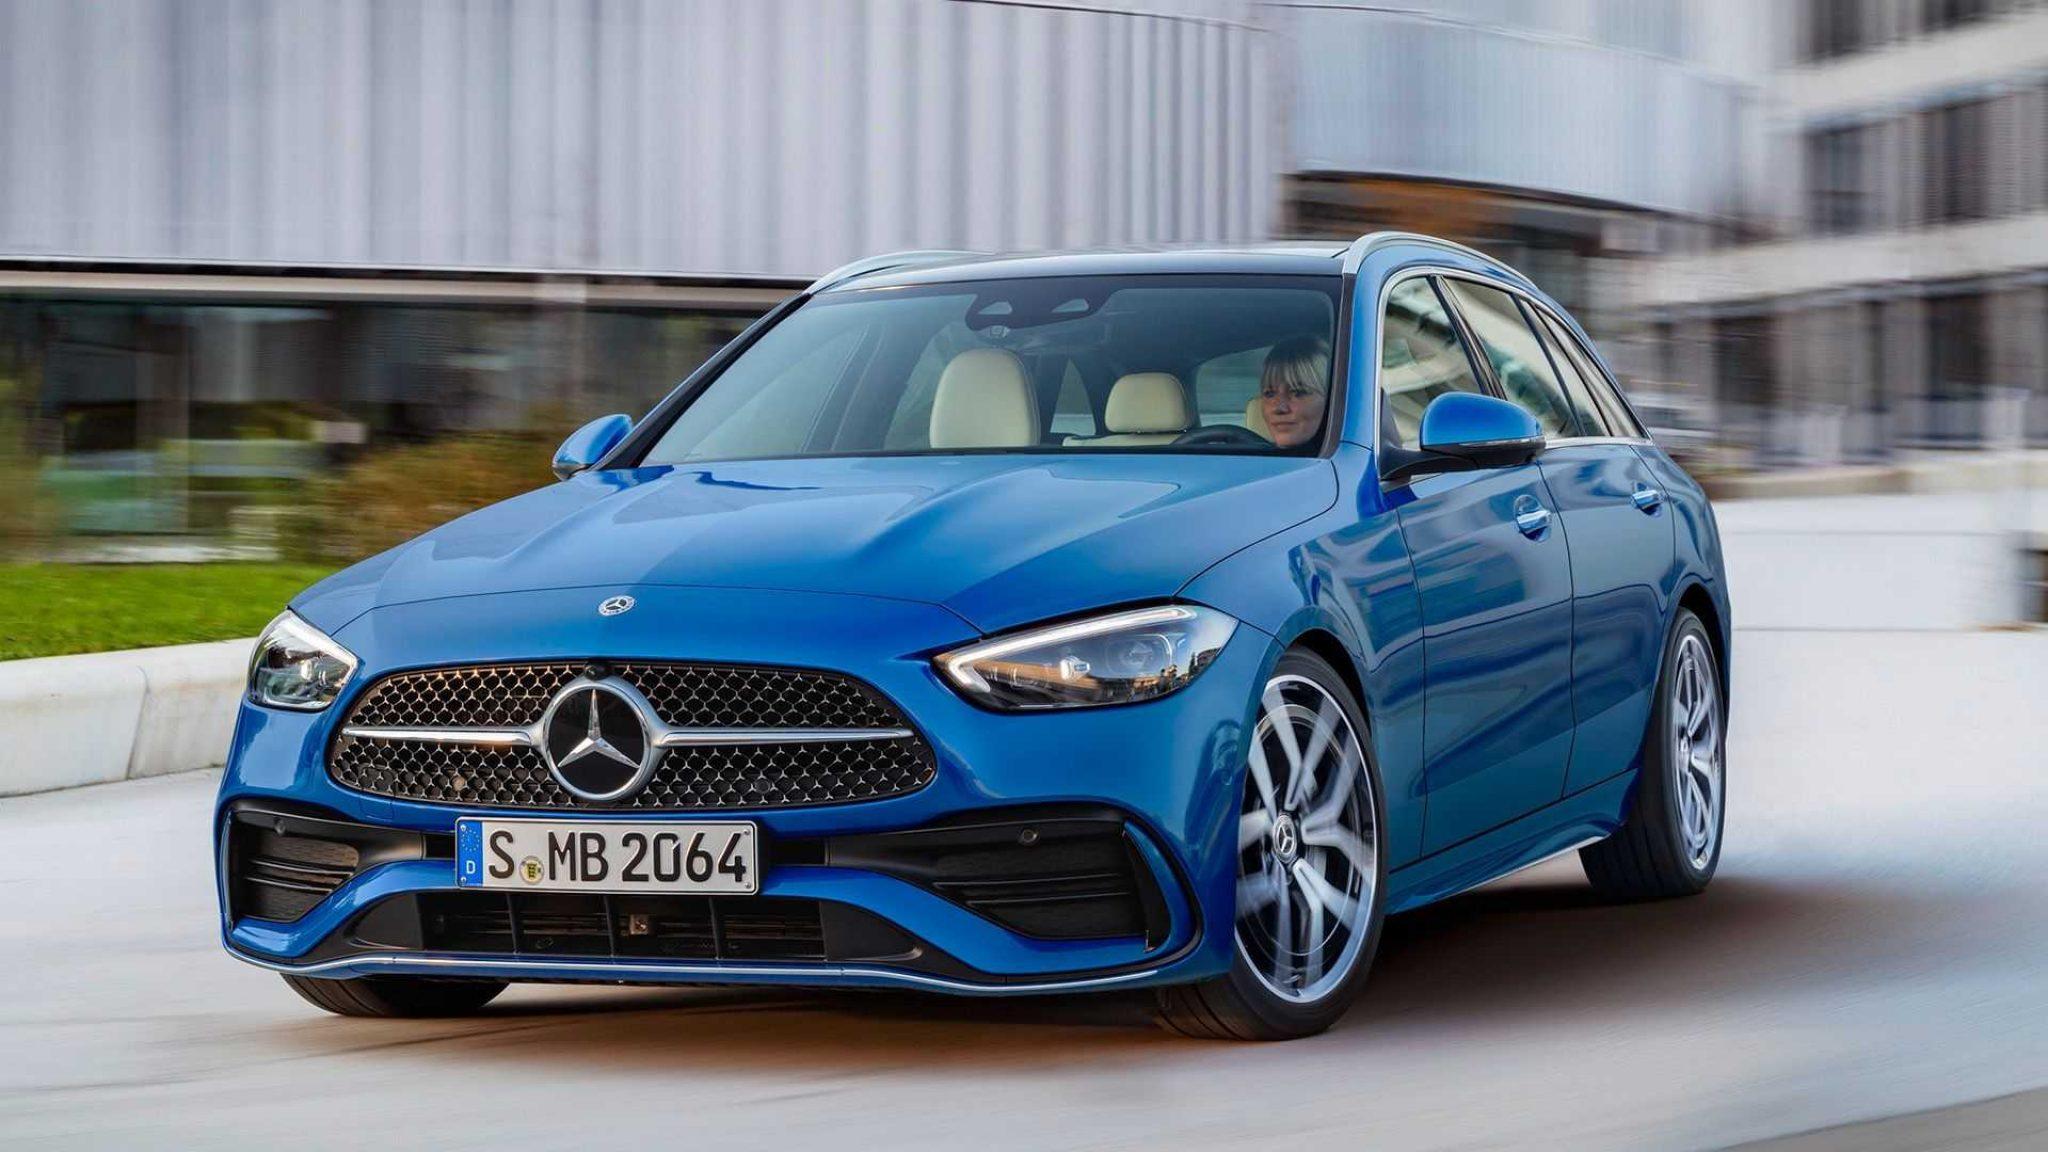 2021 Mercedes C Klasse T-Modell Benziner Preis und ...